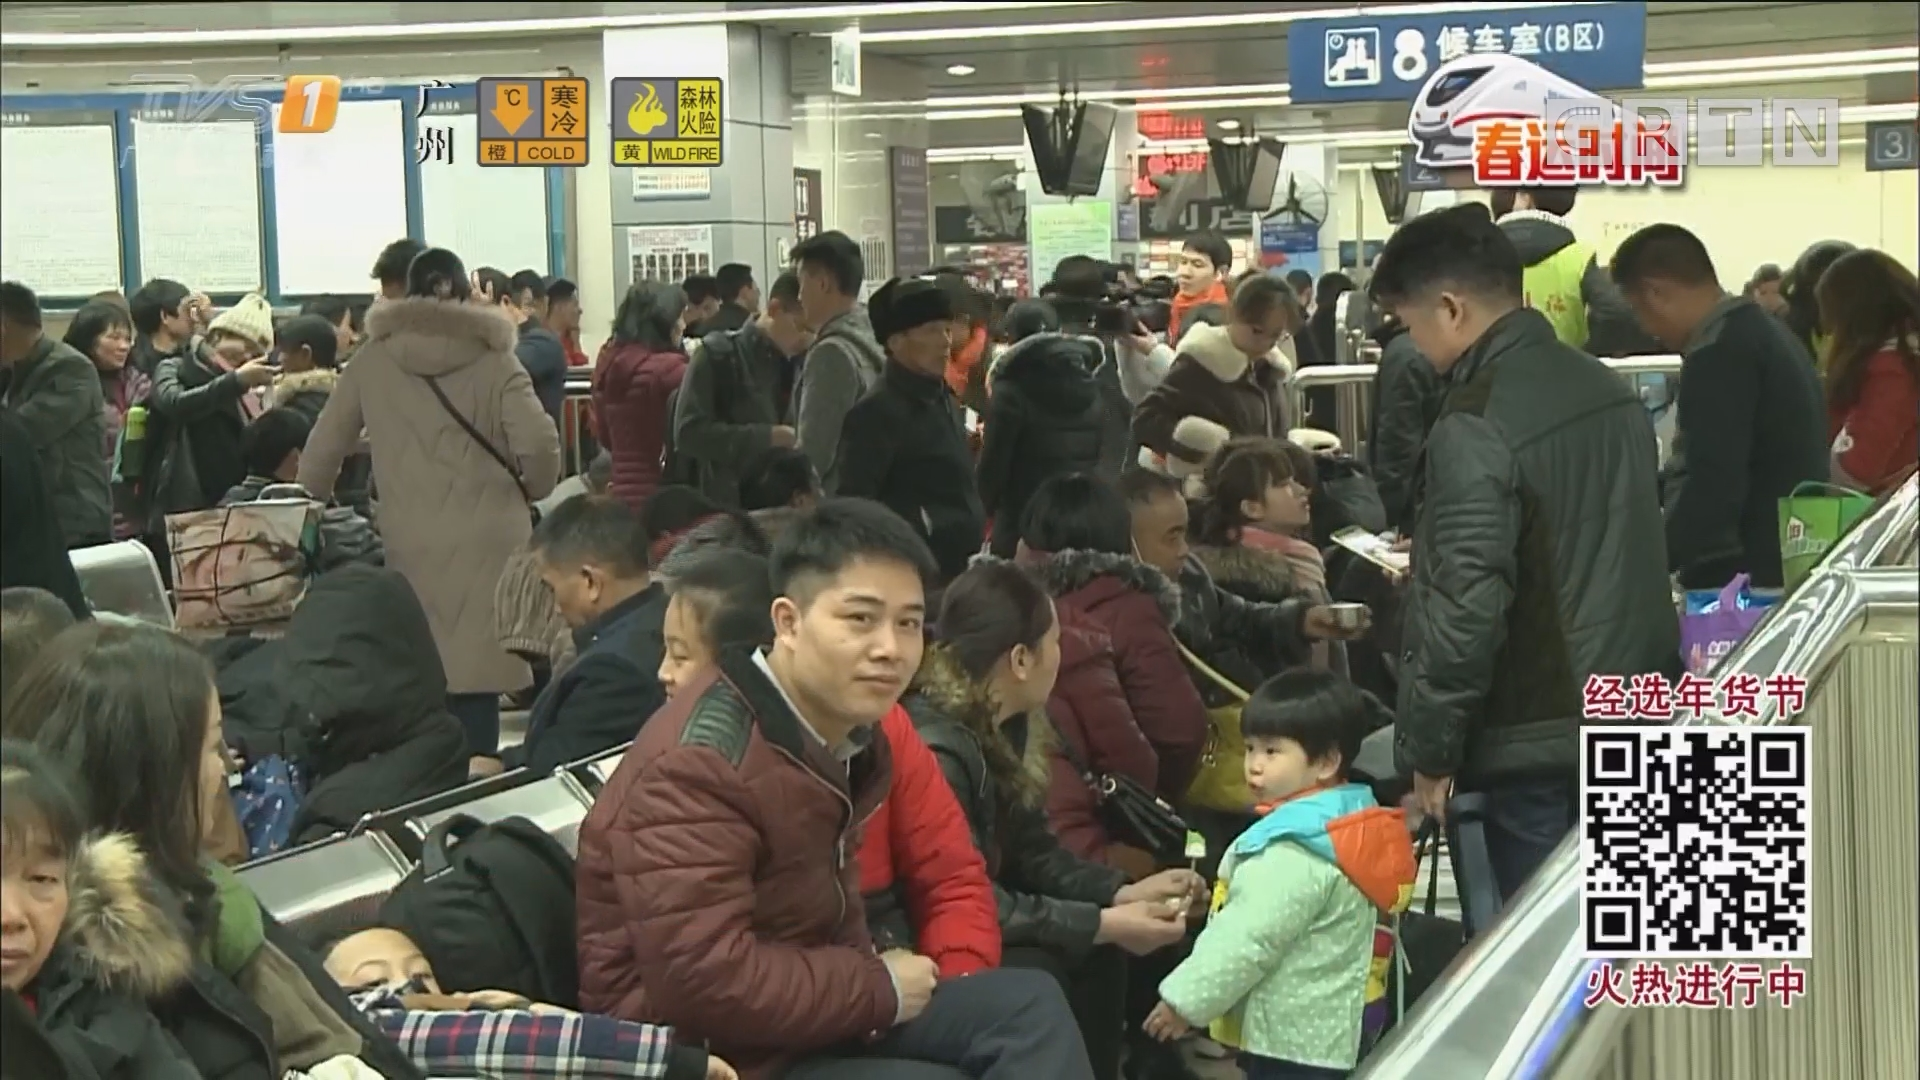 冬日暖阳邵阳专列:凌晨四点的广州火车站